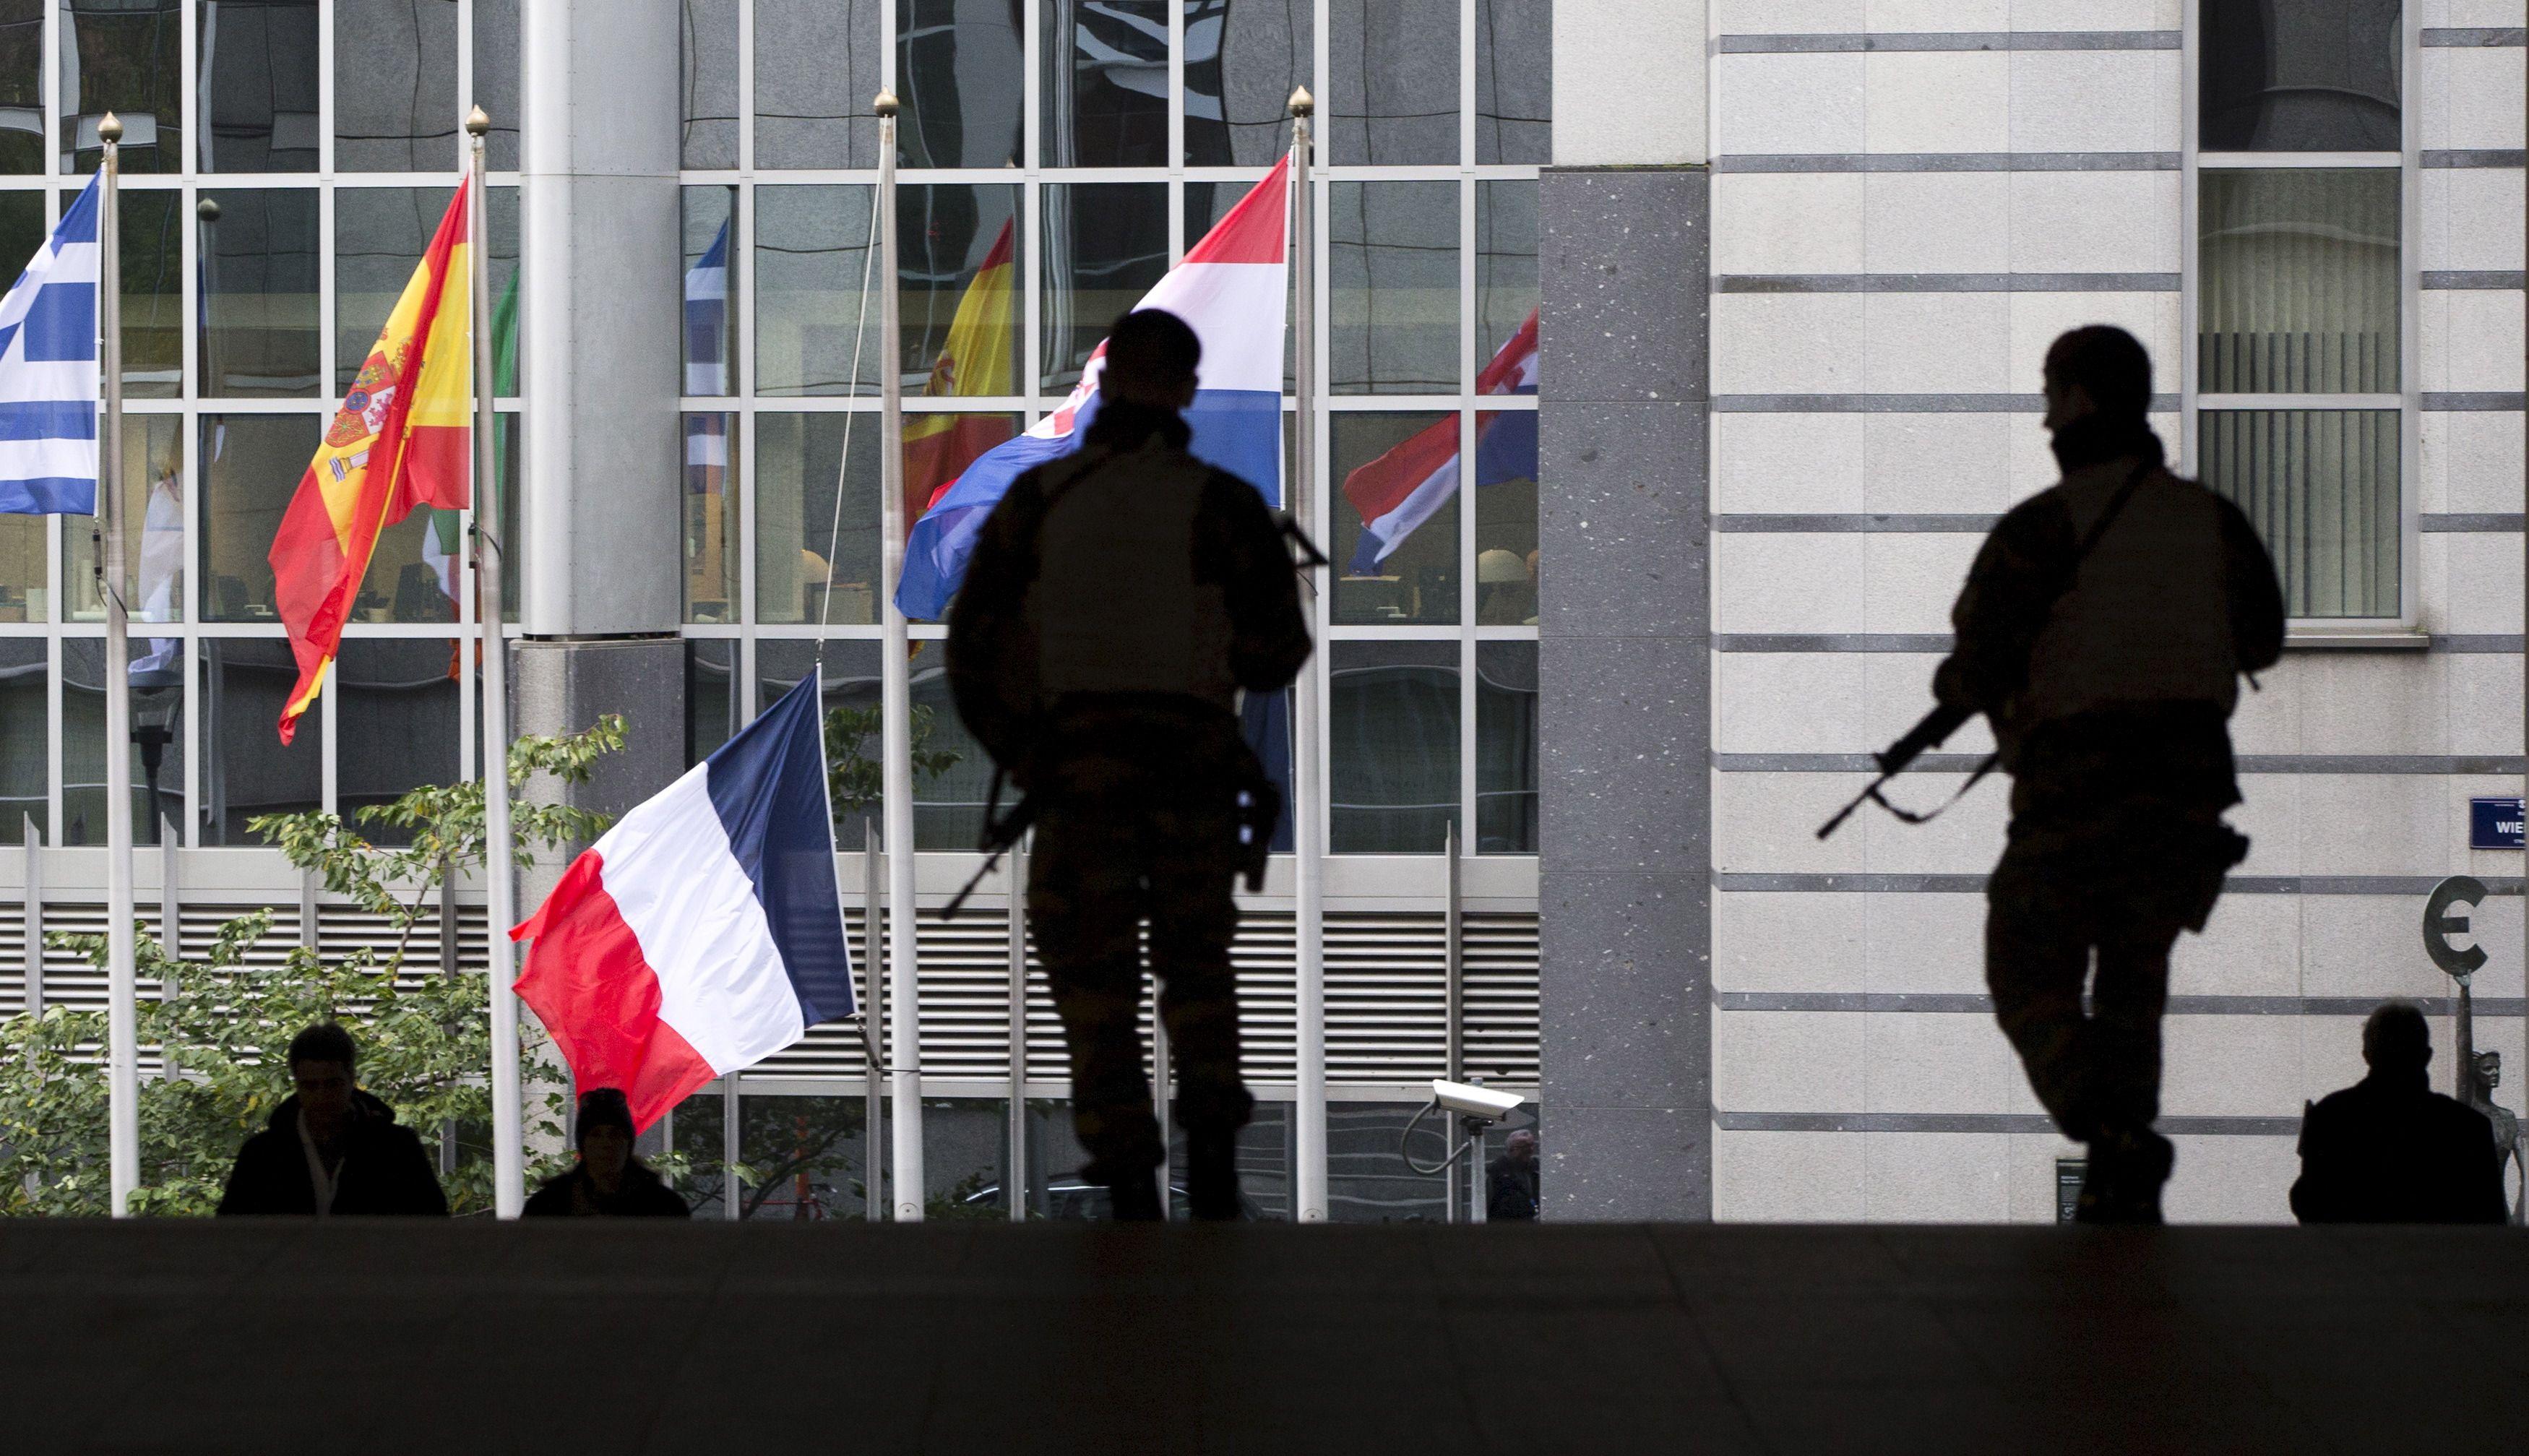 Un conseil d'urgence doit réunir tous les ministres de l'Intérieur de l'Union européenne vendredi 20 novembre.